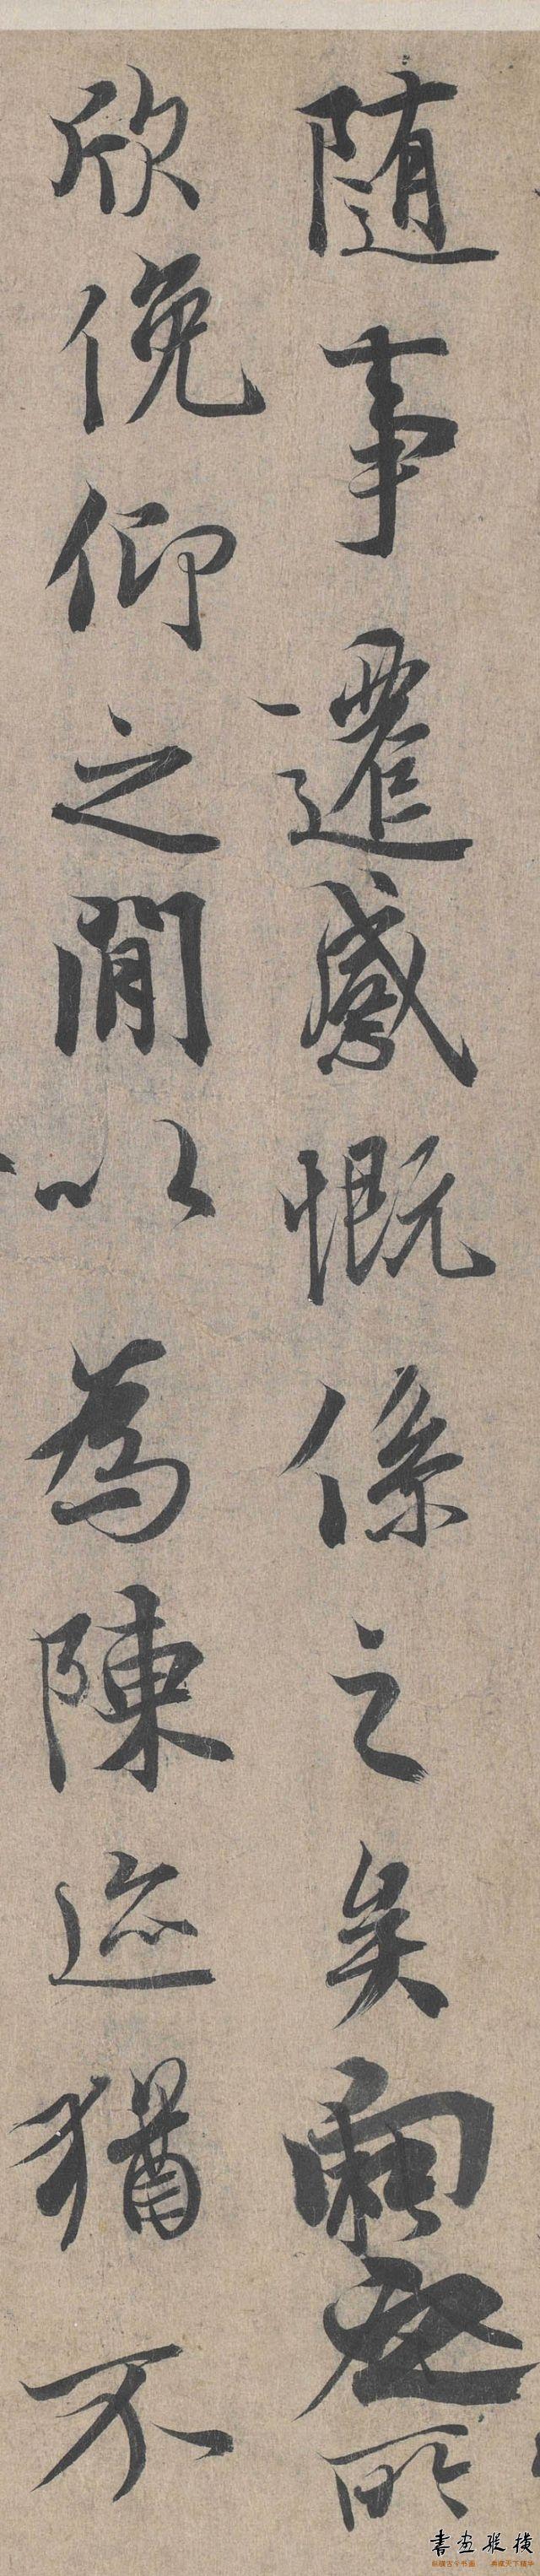 唐 冯承素 摹兰亭序卷 行书 局部